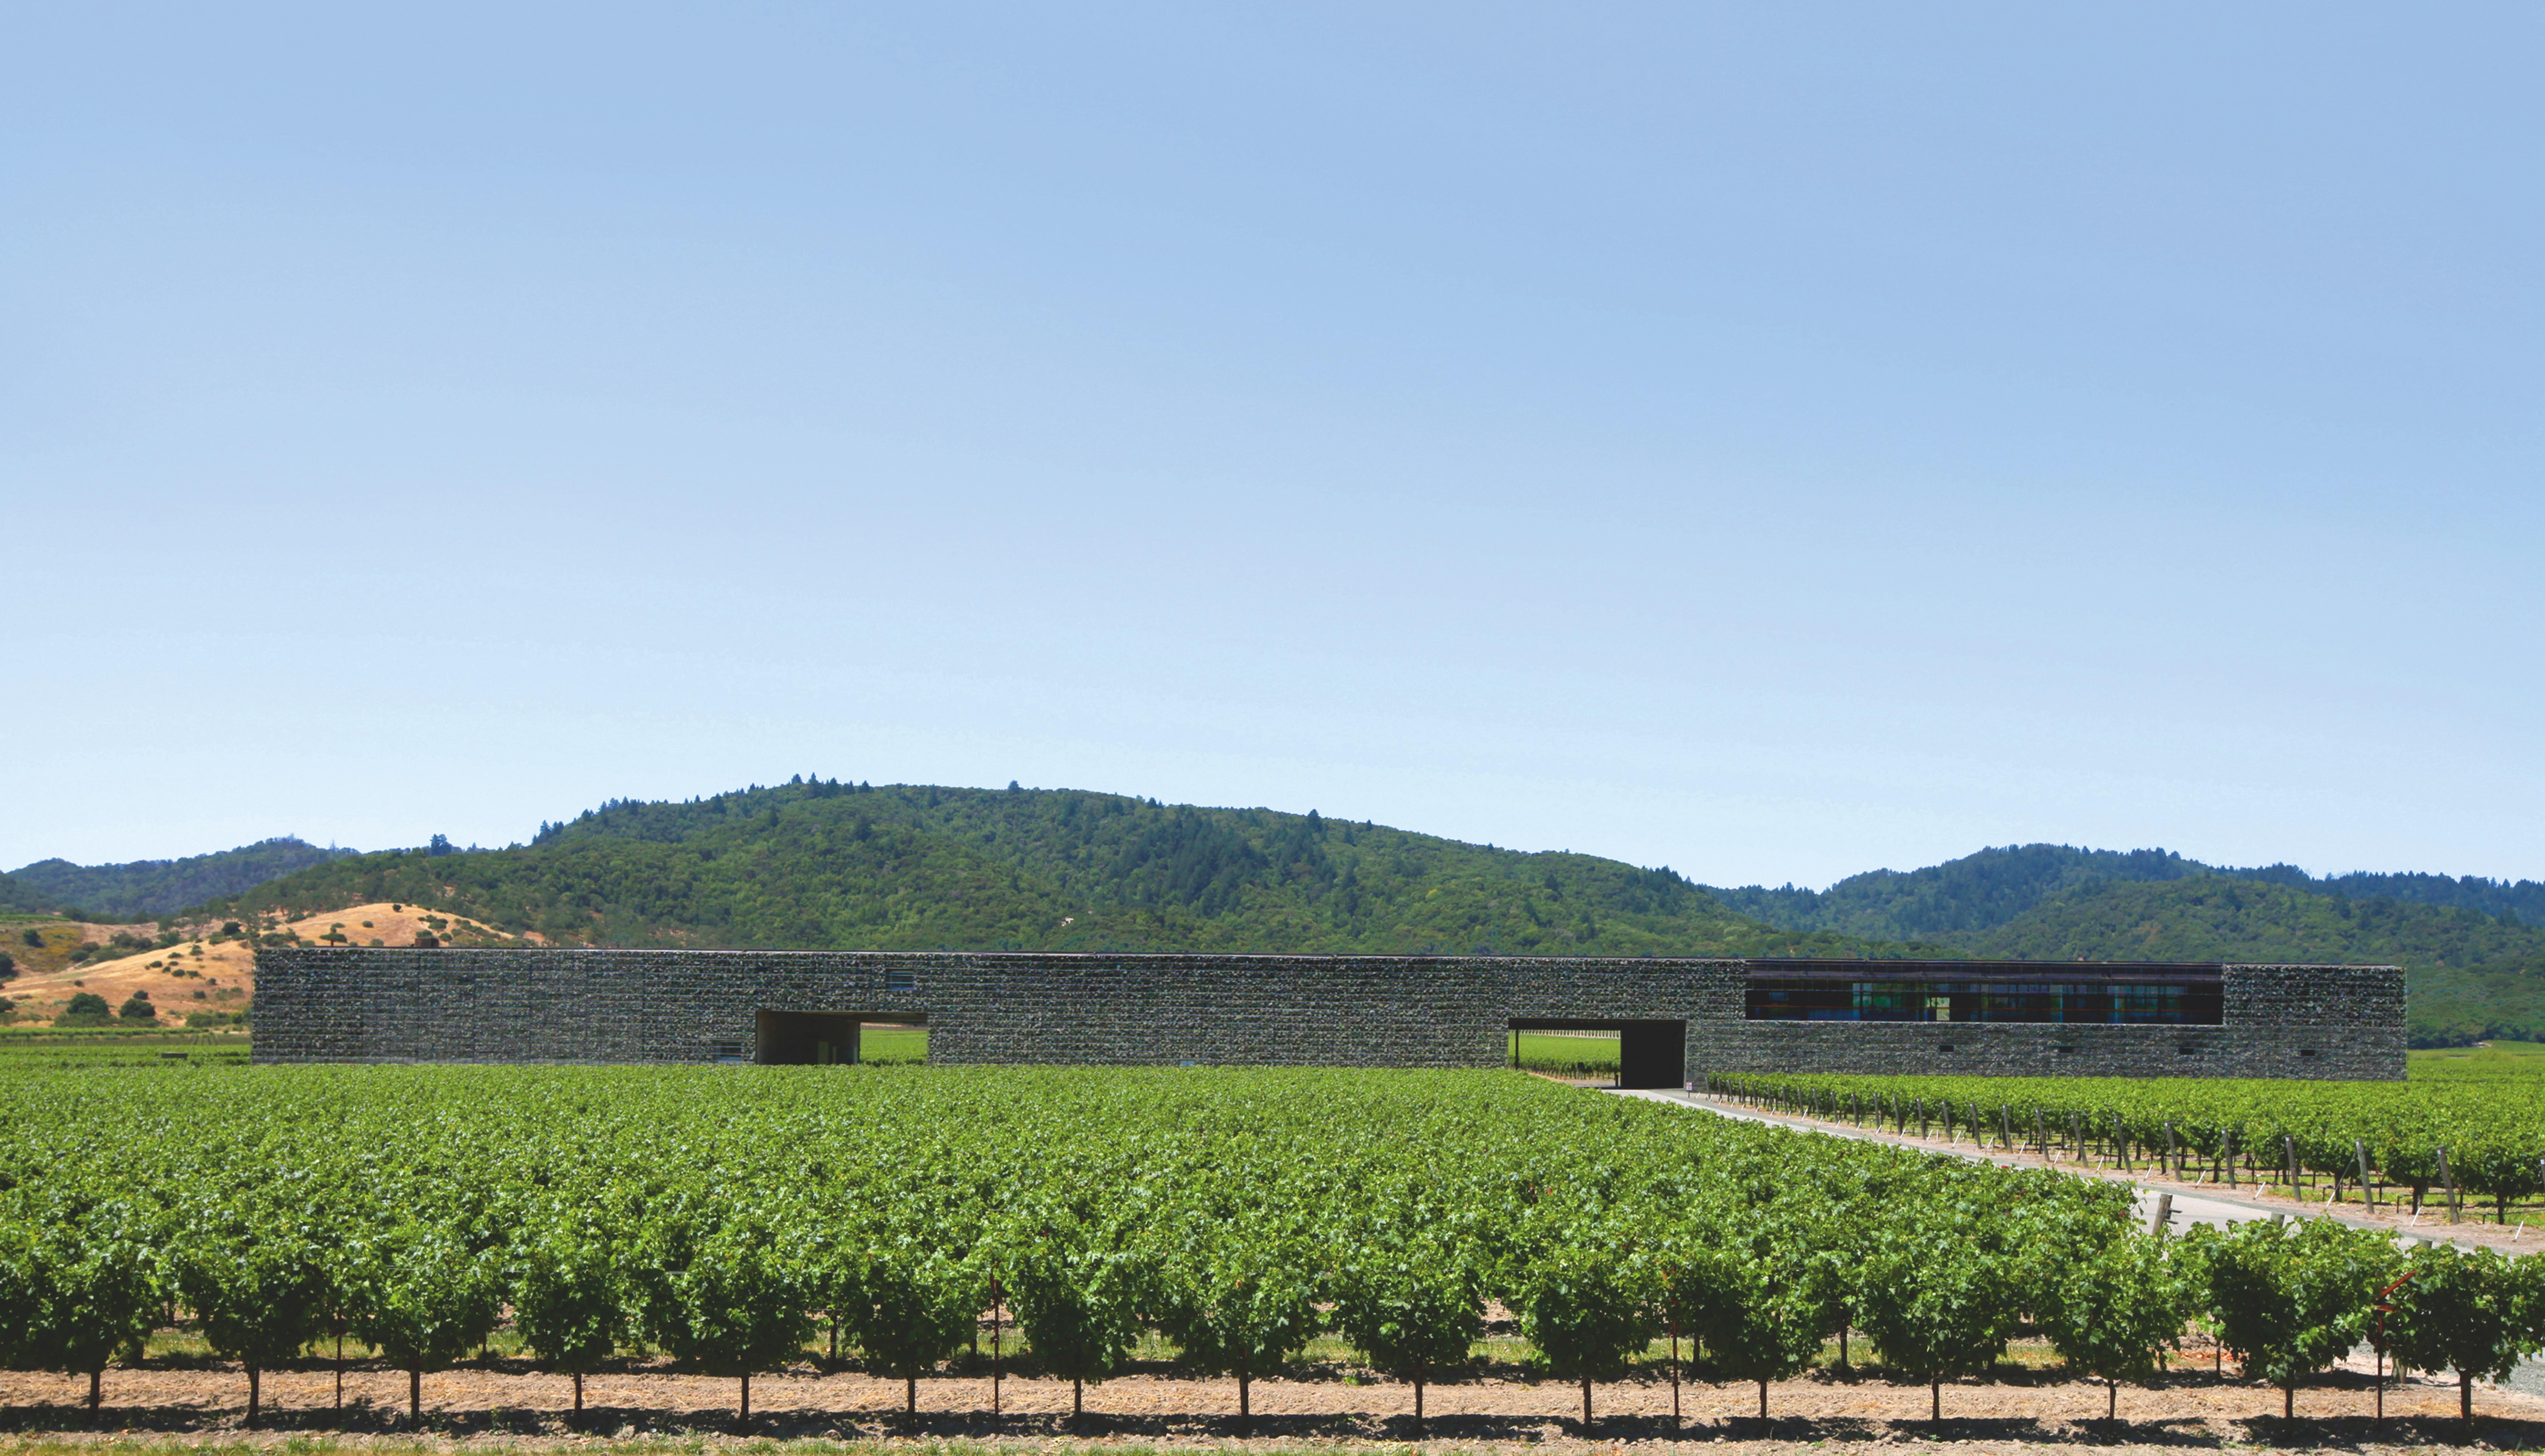 California's Dominus Estate by Jacques Herzog and Pierre de Meuron